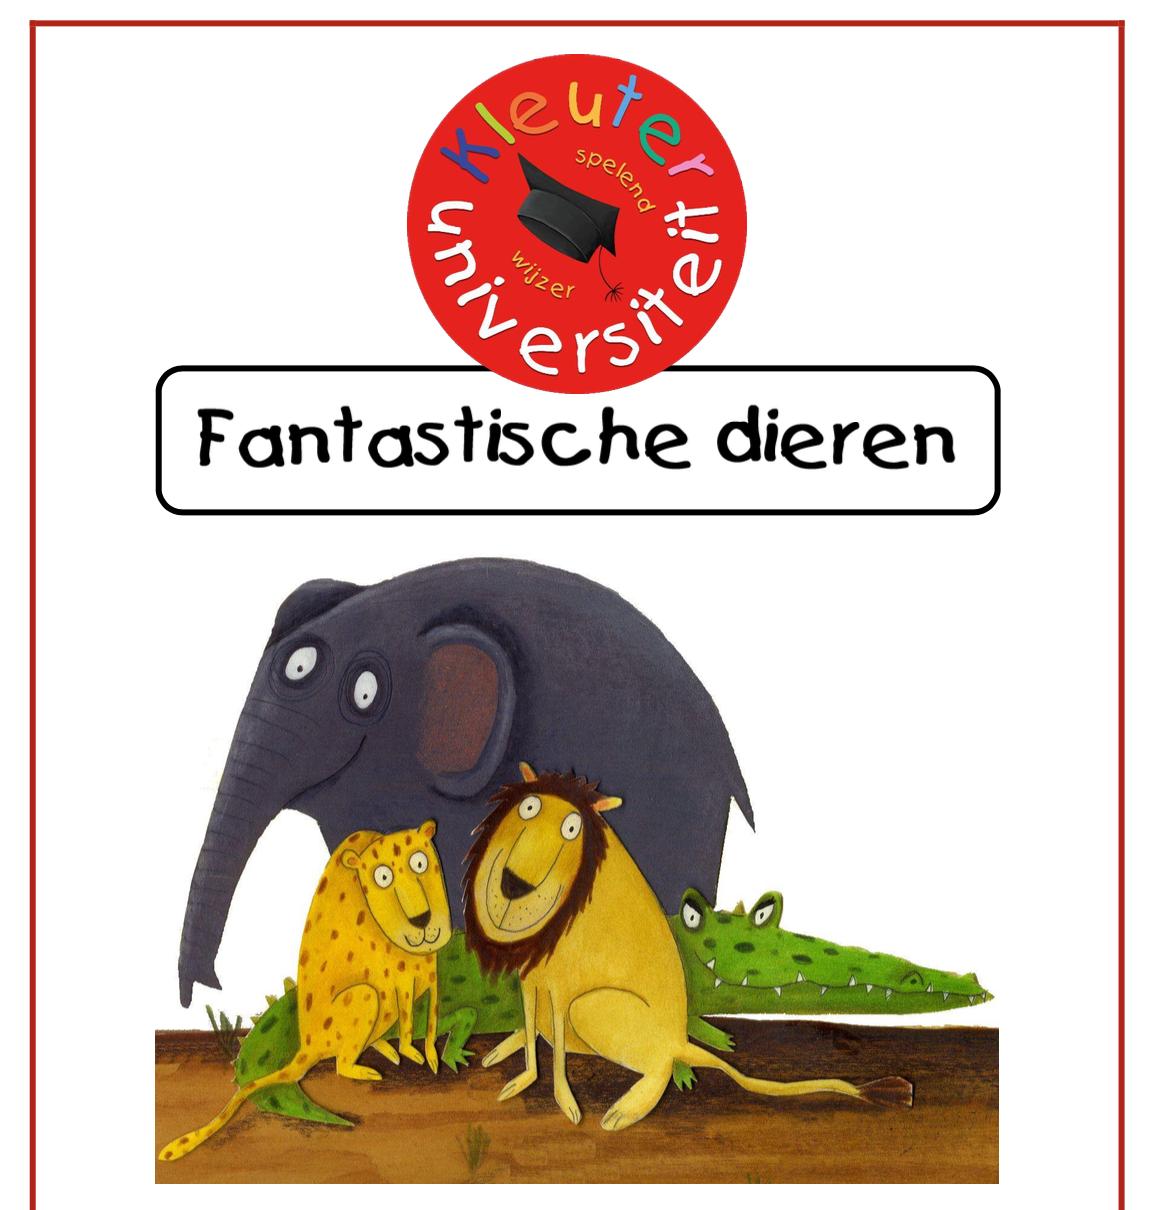 Project Fantastische dieren bij Kleuteruniversiteit